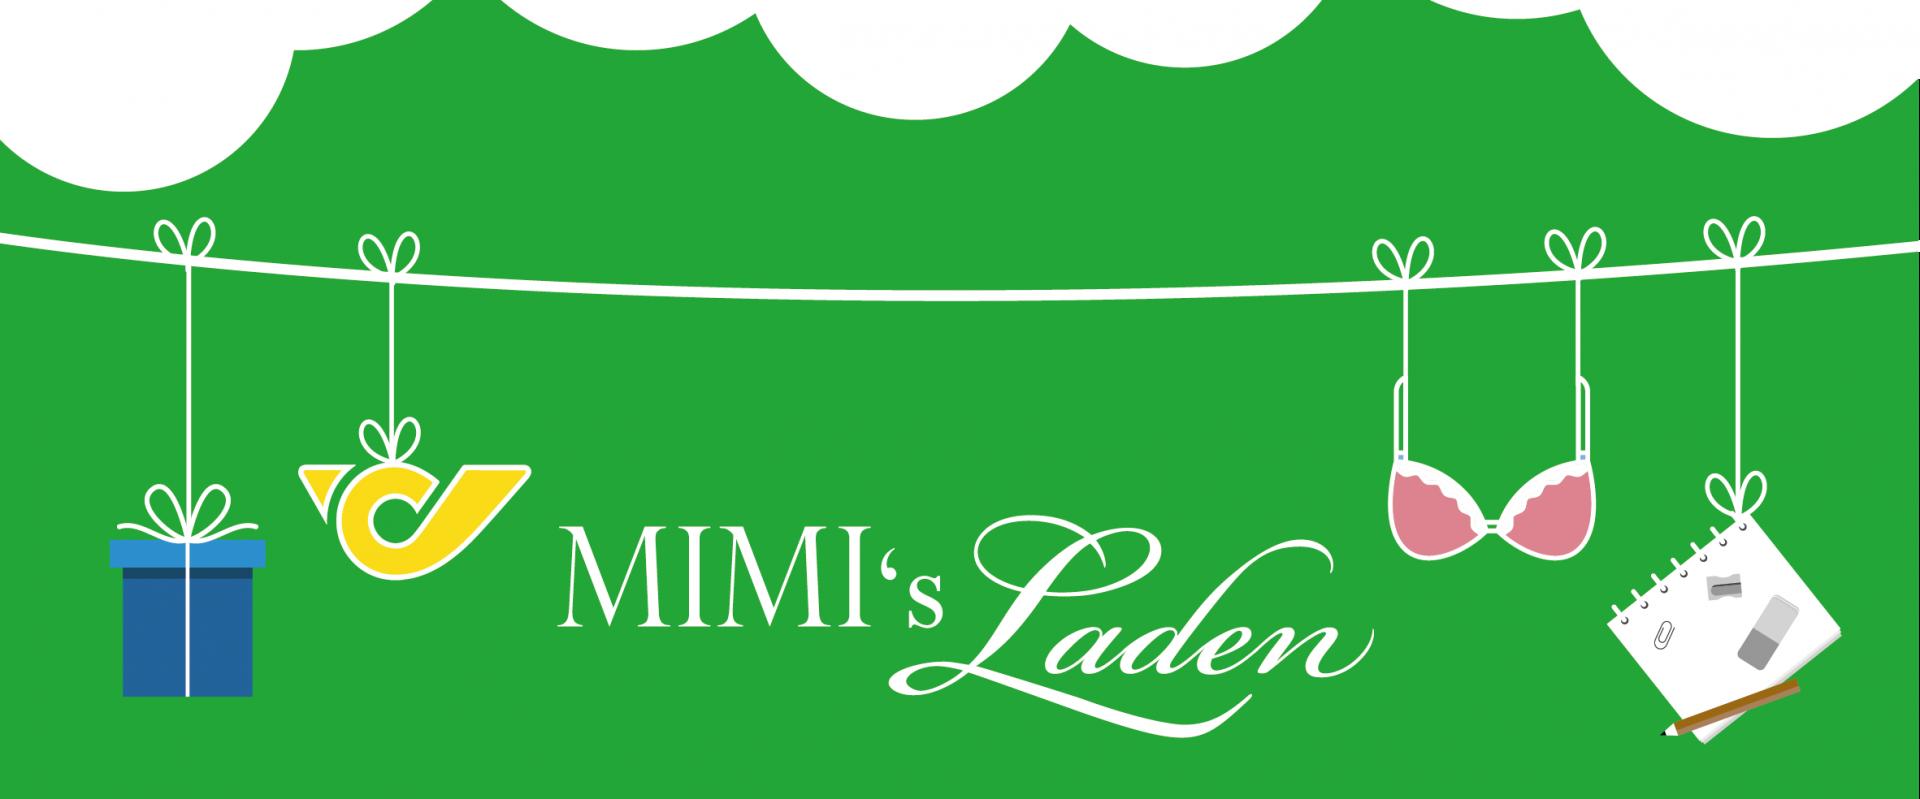 Mimi's Laden